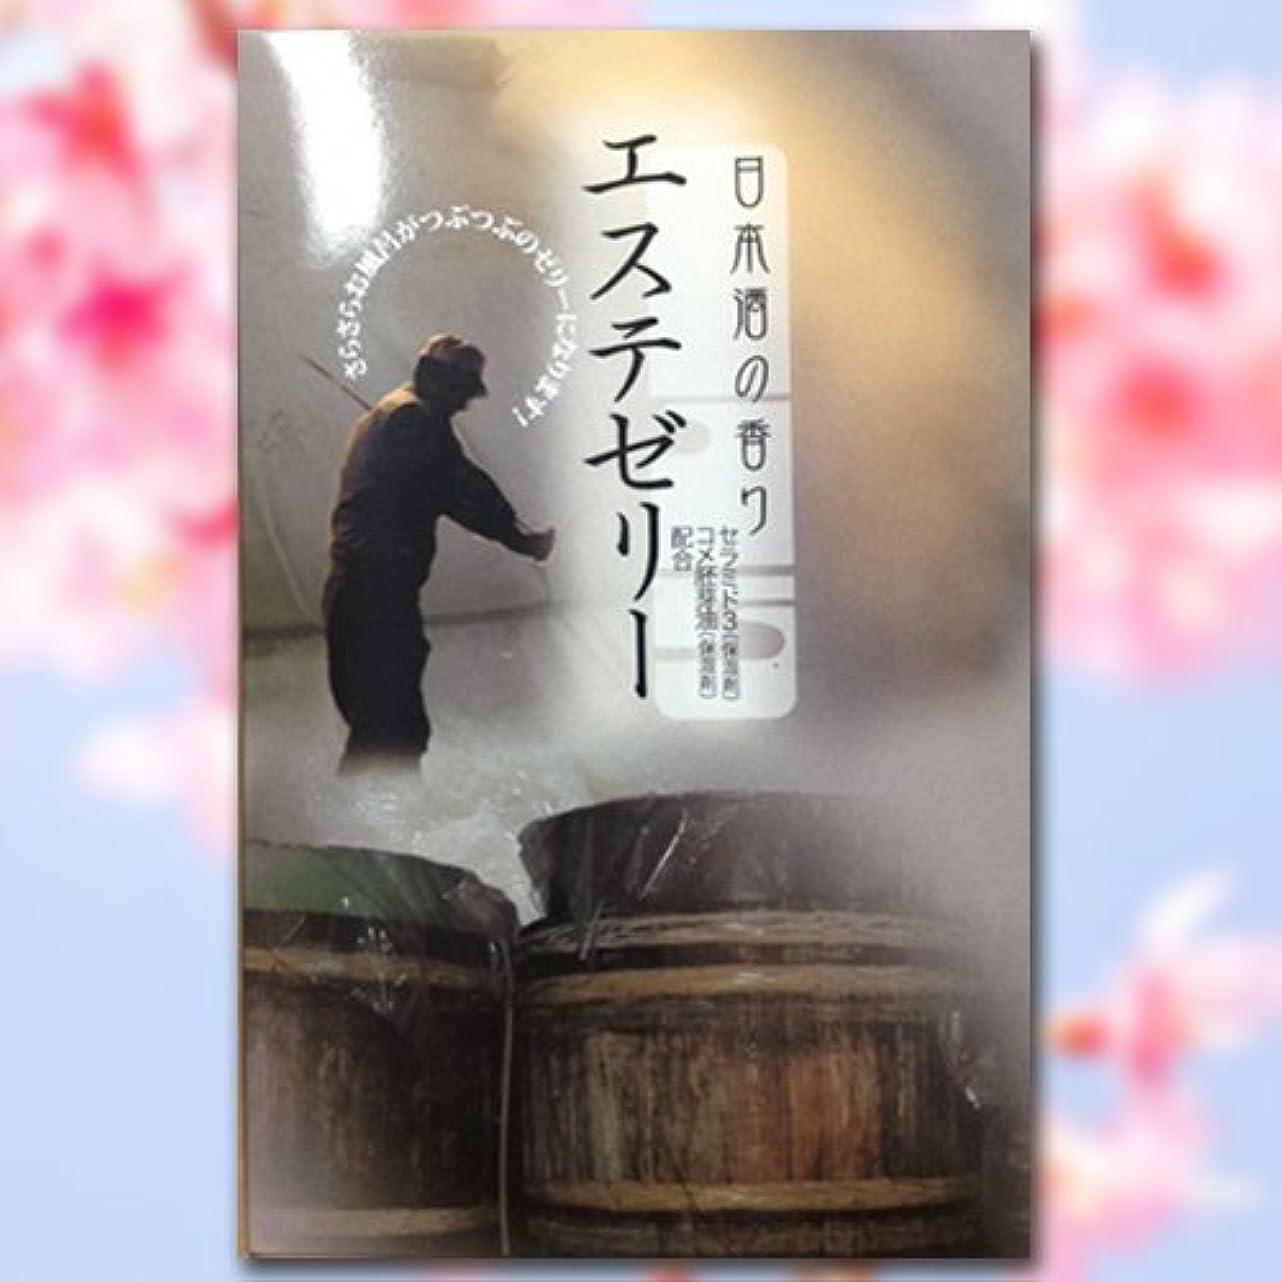 マリンばかげた変換【2個セット】Esthe Jelly エステゼリー 日本酒の香り (入浴剤)